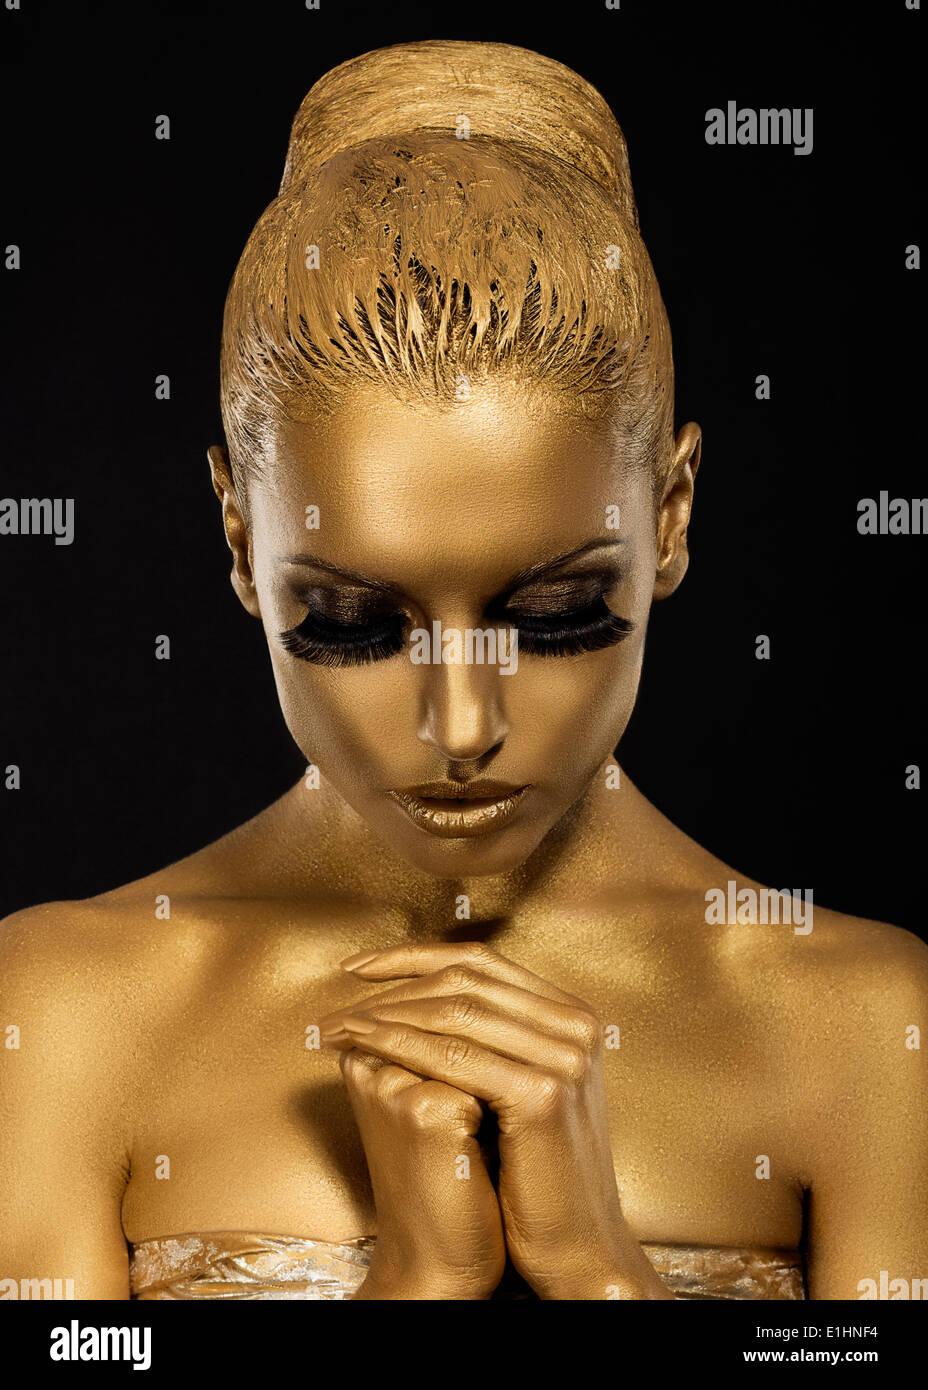 La conviction. Femme de style traditionnel avec des mains qui prient. Maquillage d'or Photo Stock